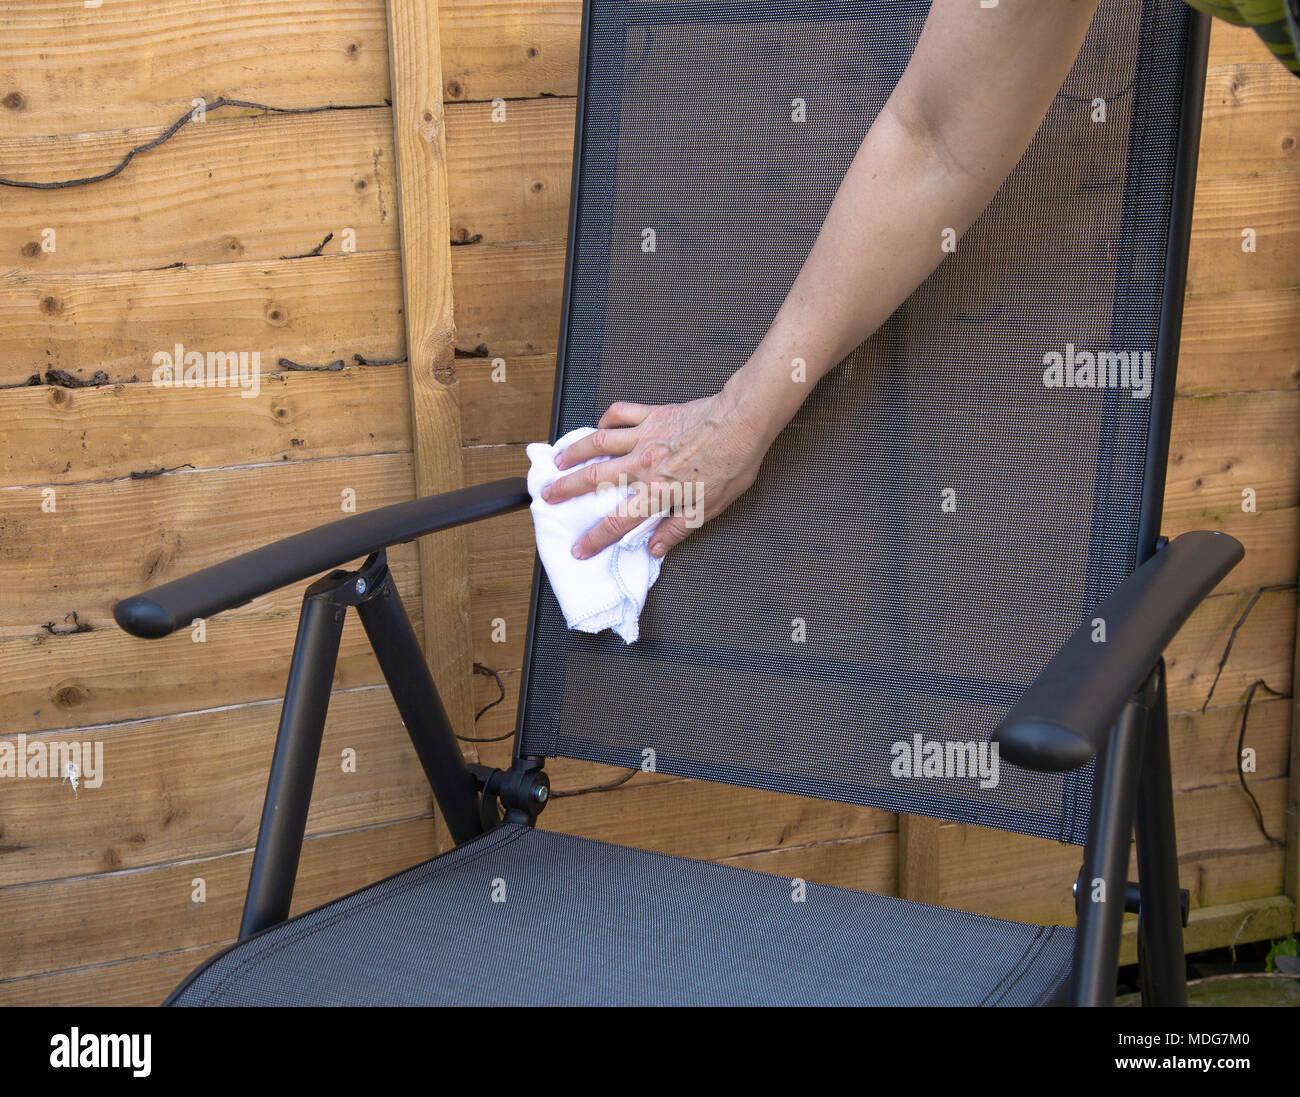 Reinigung Von Gartenmöbeln Stockfoto Bild 180451488 Alamy